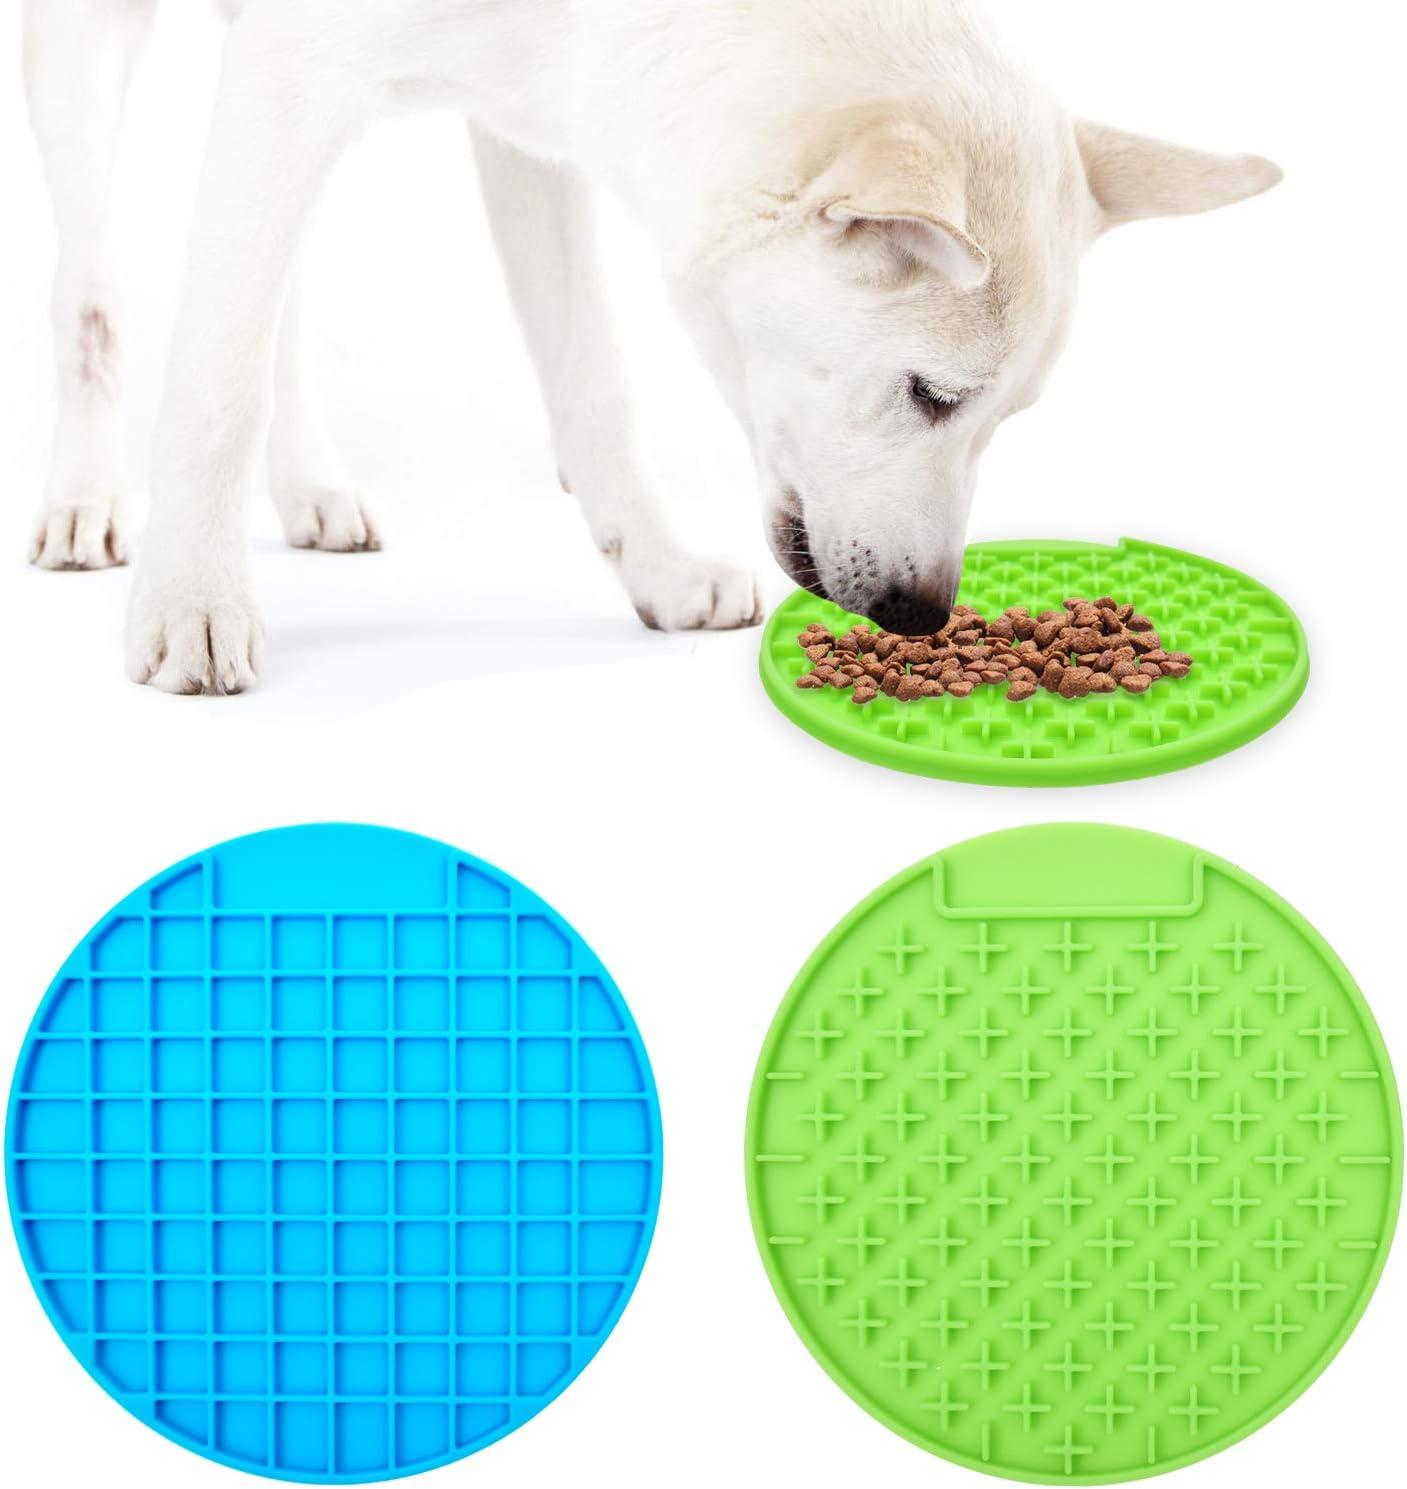 Alfombrillas para lamer para perros almohadilla para lamer con mantequilla de man/í dispositivo de distracci/ón para el ba/ño de mascotas 2 piezas azul y rojo almohadilla para lamer de silicona